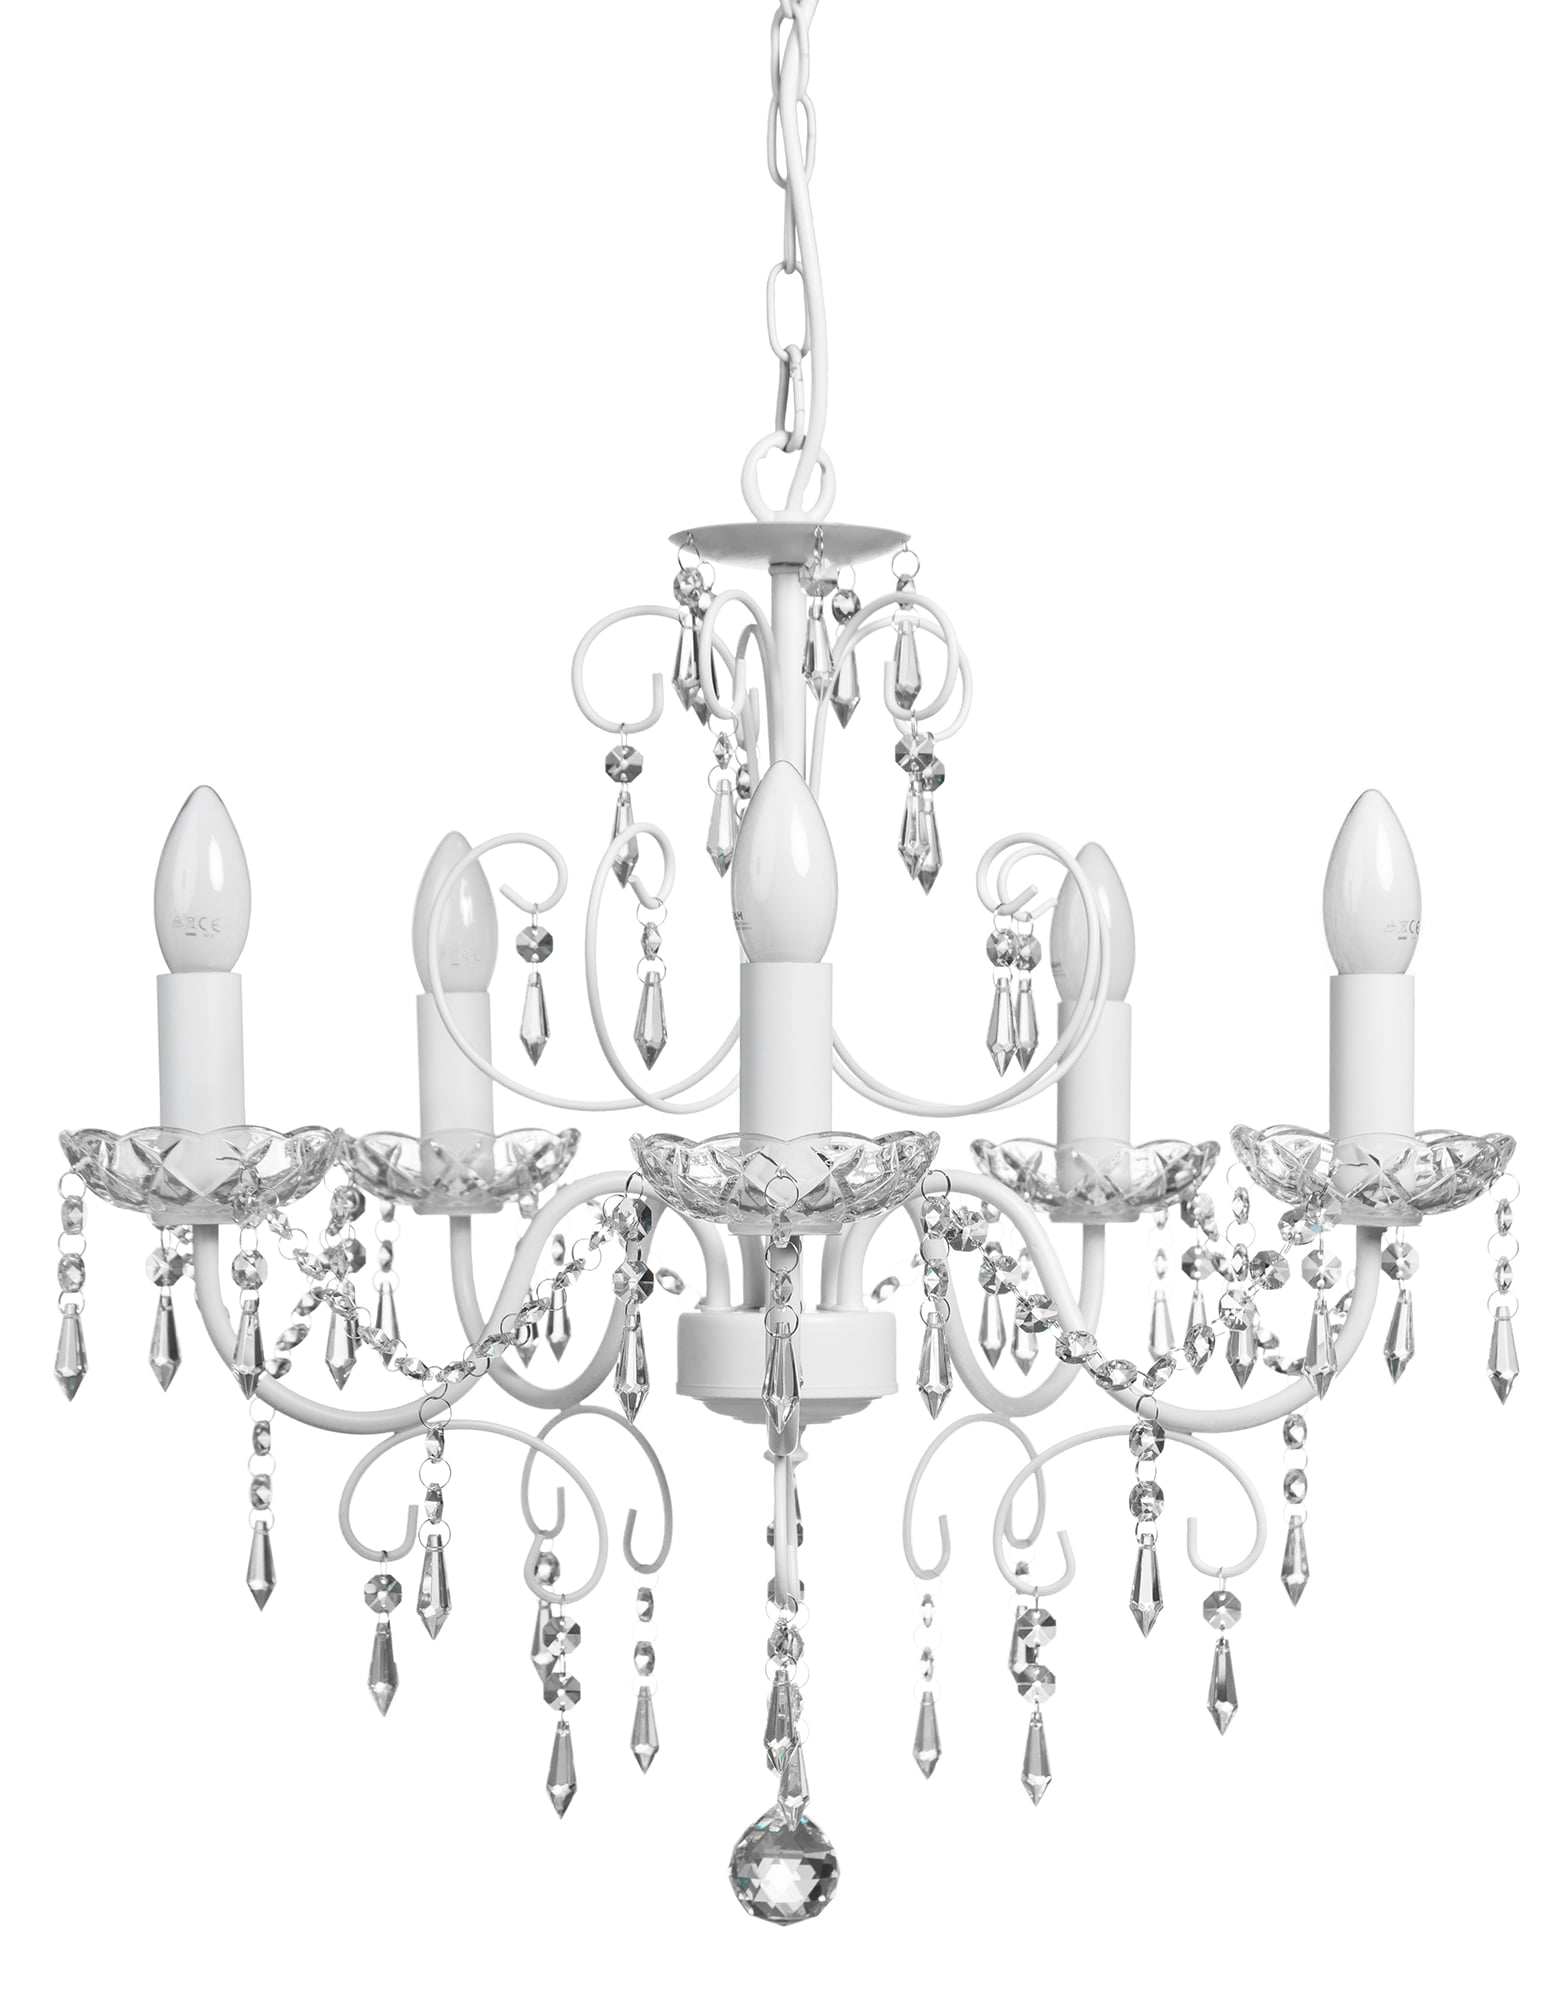 Viisi haarainen, valkoinen kristallikruunu, jonka lampunkannoissa on lasiset mansetit. Kristalleja on runsaasti.